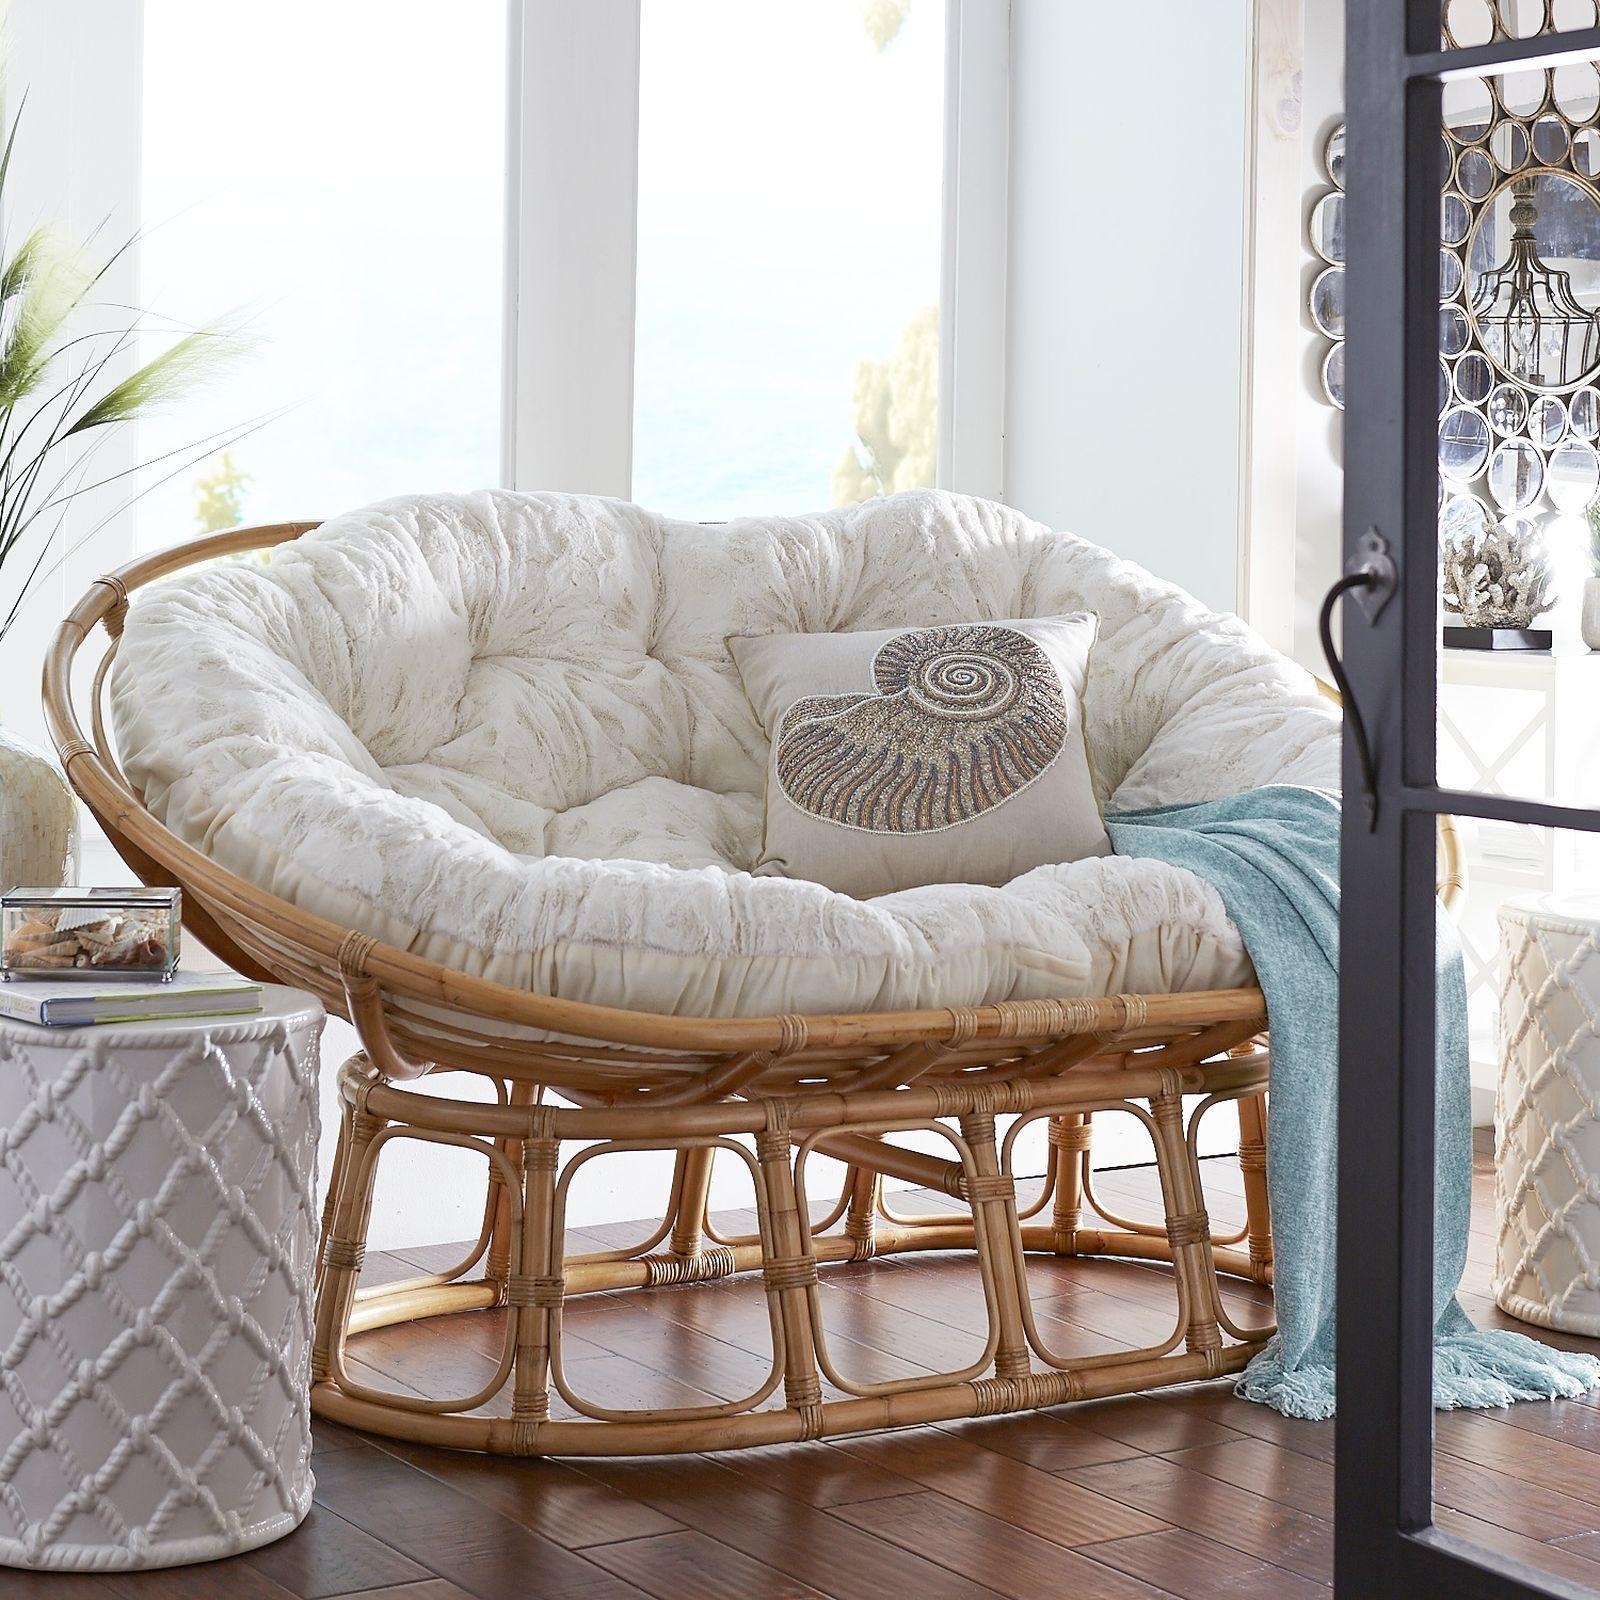 17+ Extra large papasan chair inspirations